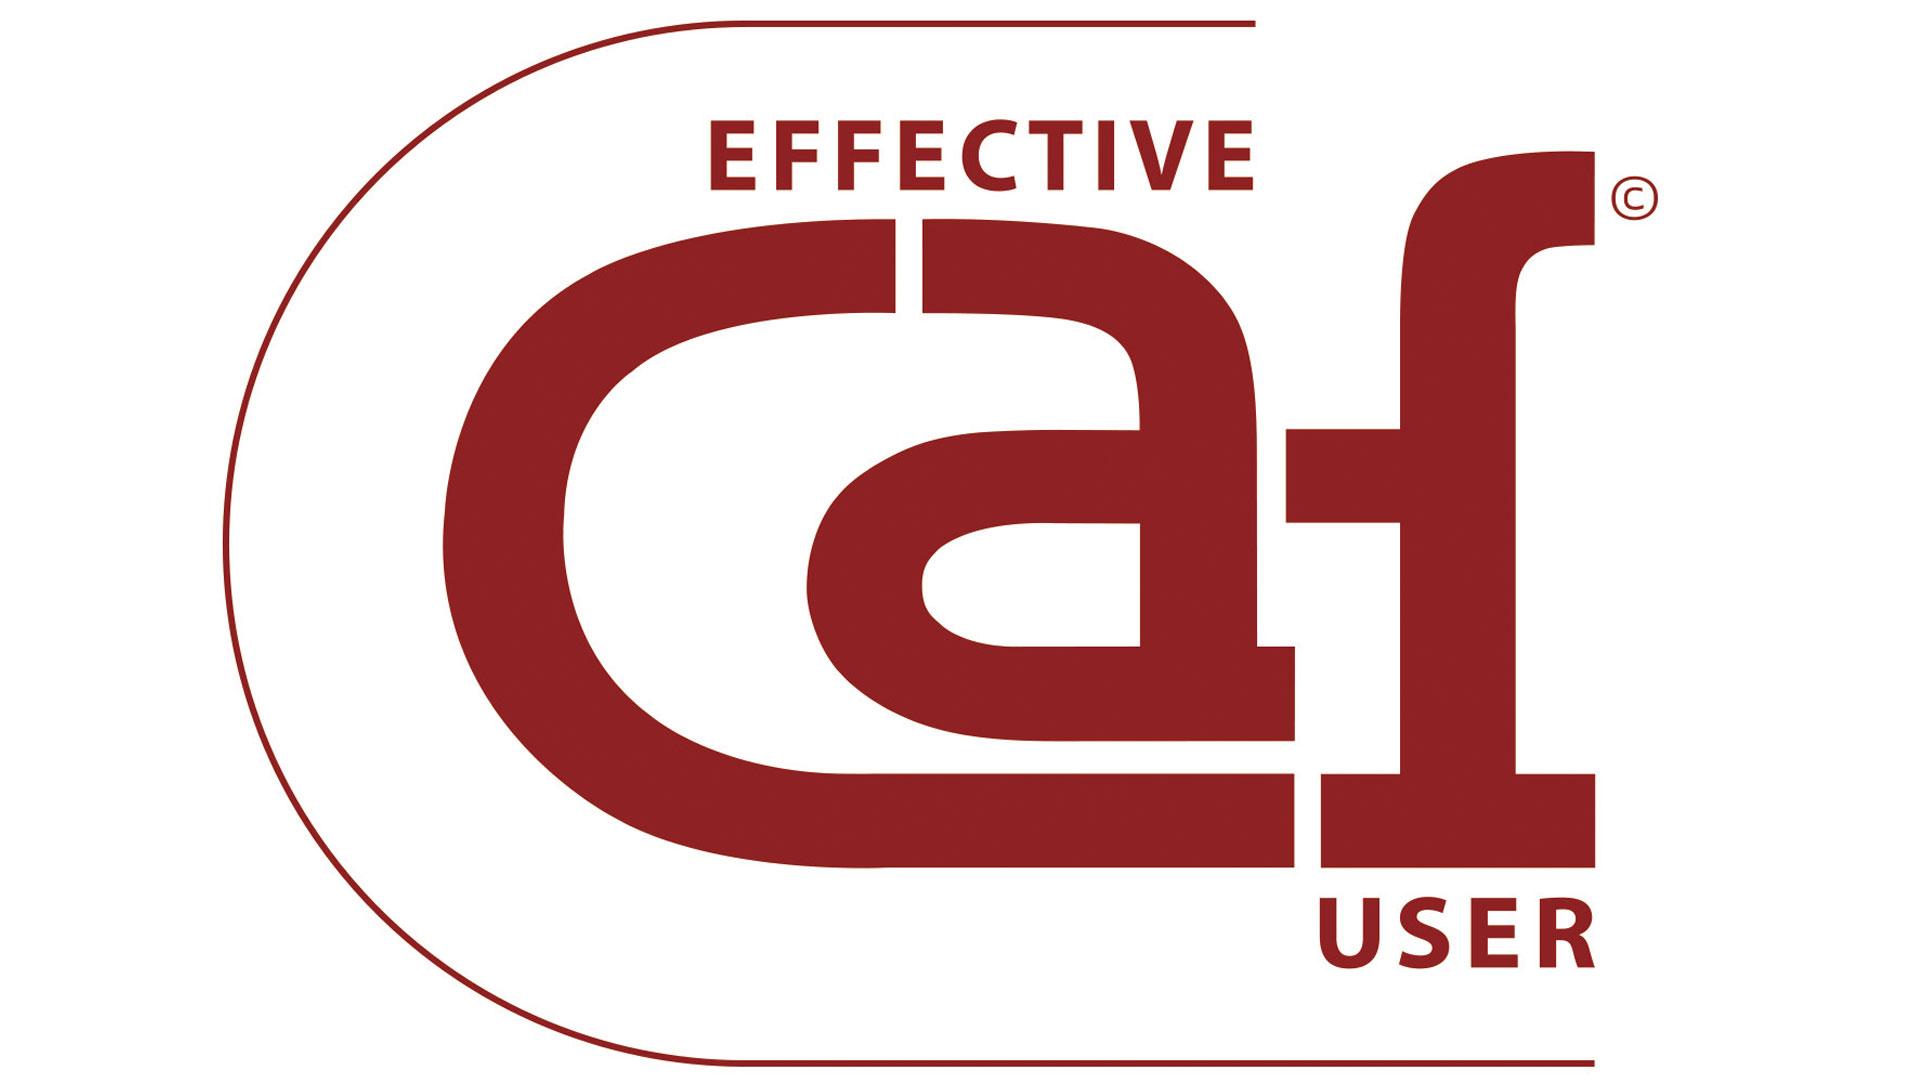 """Fundação do Desporto recebe distinção """"Effective CAF User"""""""